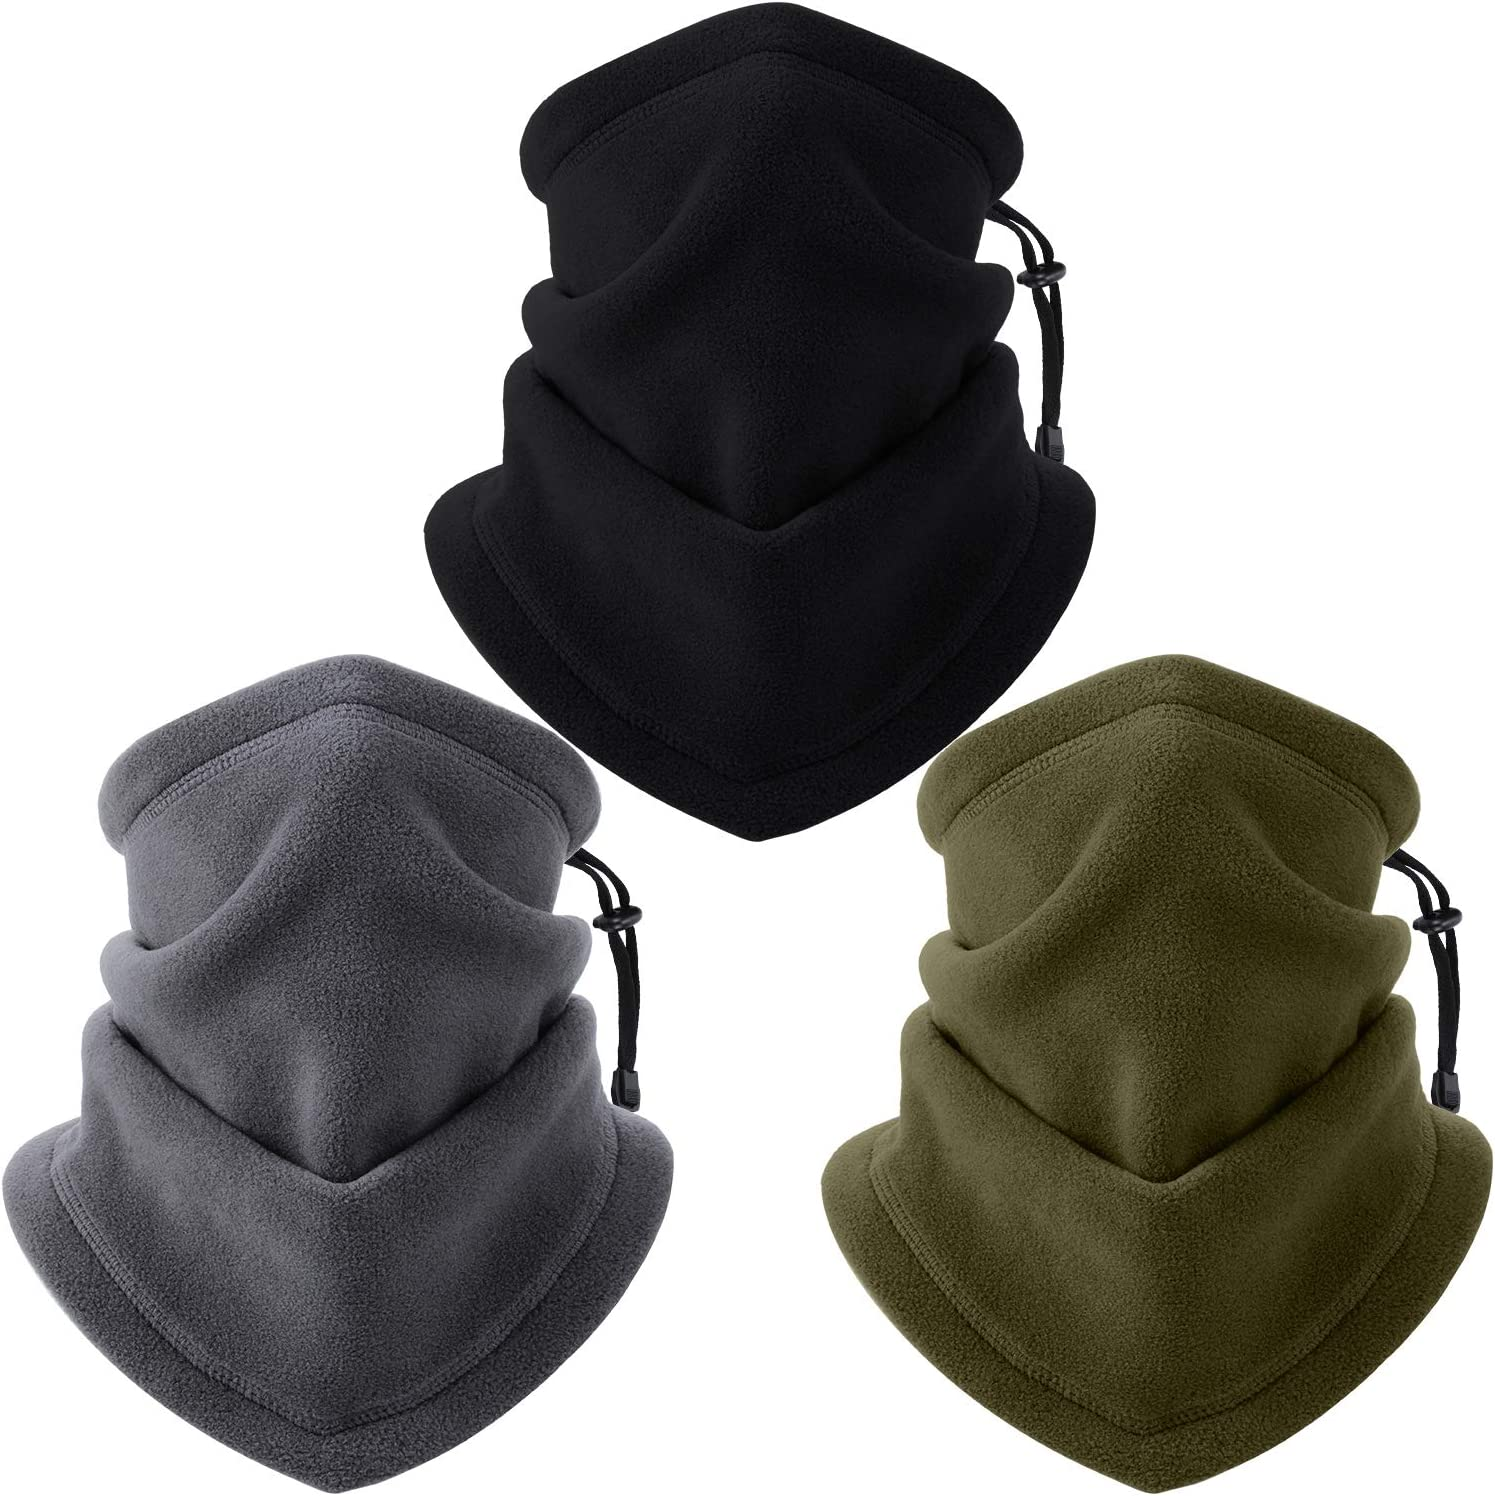 3 Piezas Calentador Braga de Cuello con Correa Ajustable Cubierta Facial Calentador de Cuello de Correr Bufanda de Cara de Esquí de Vellón Suave Grueso para Invierno Hombres Mujeres